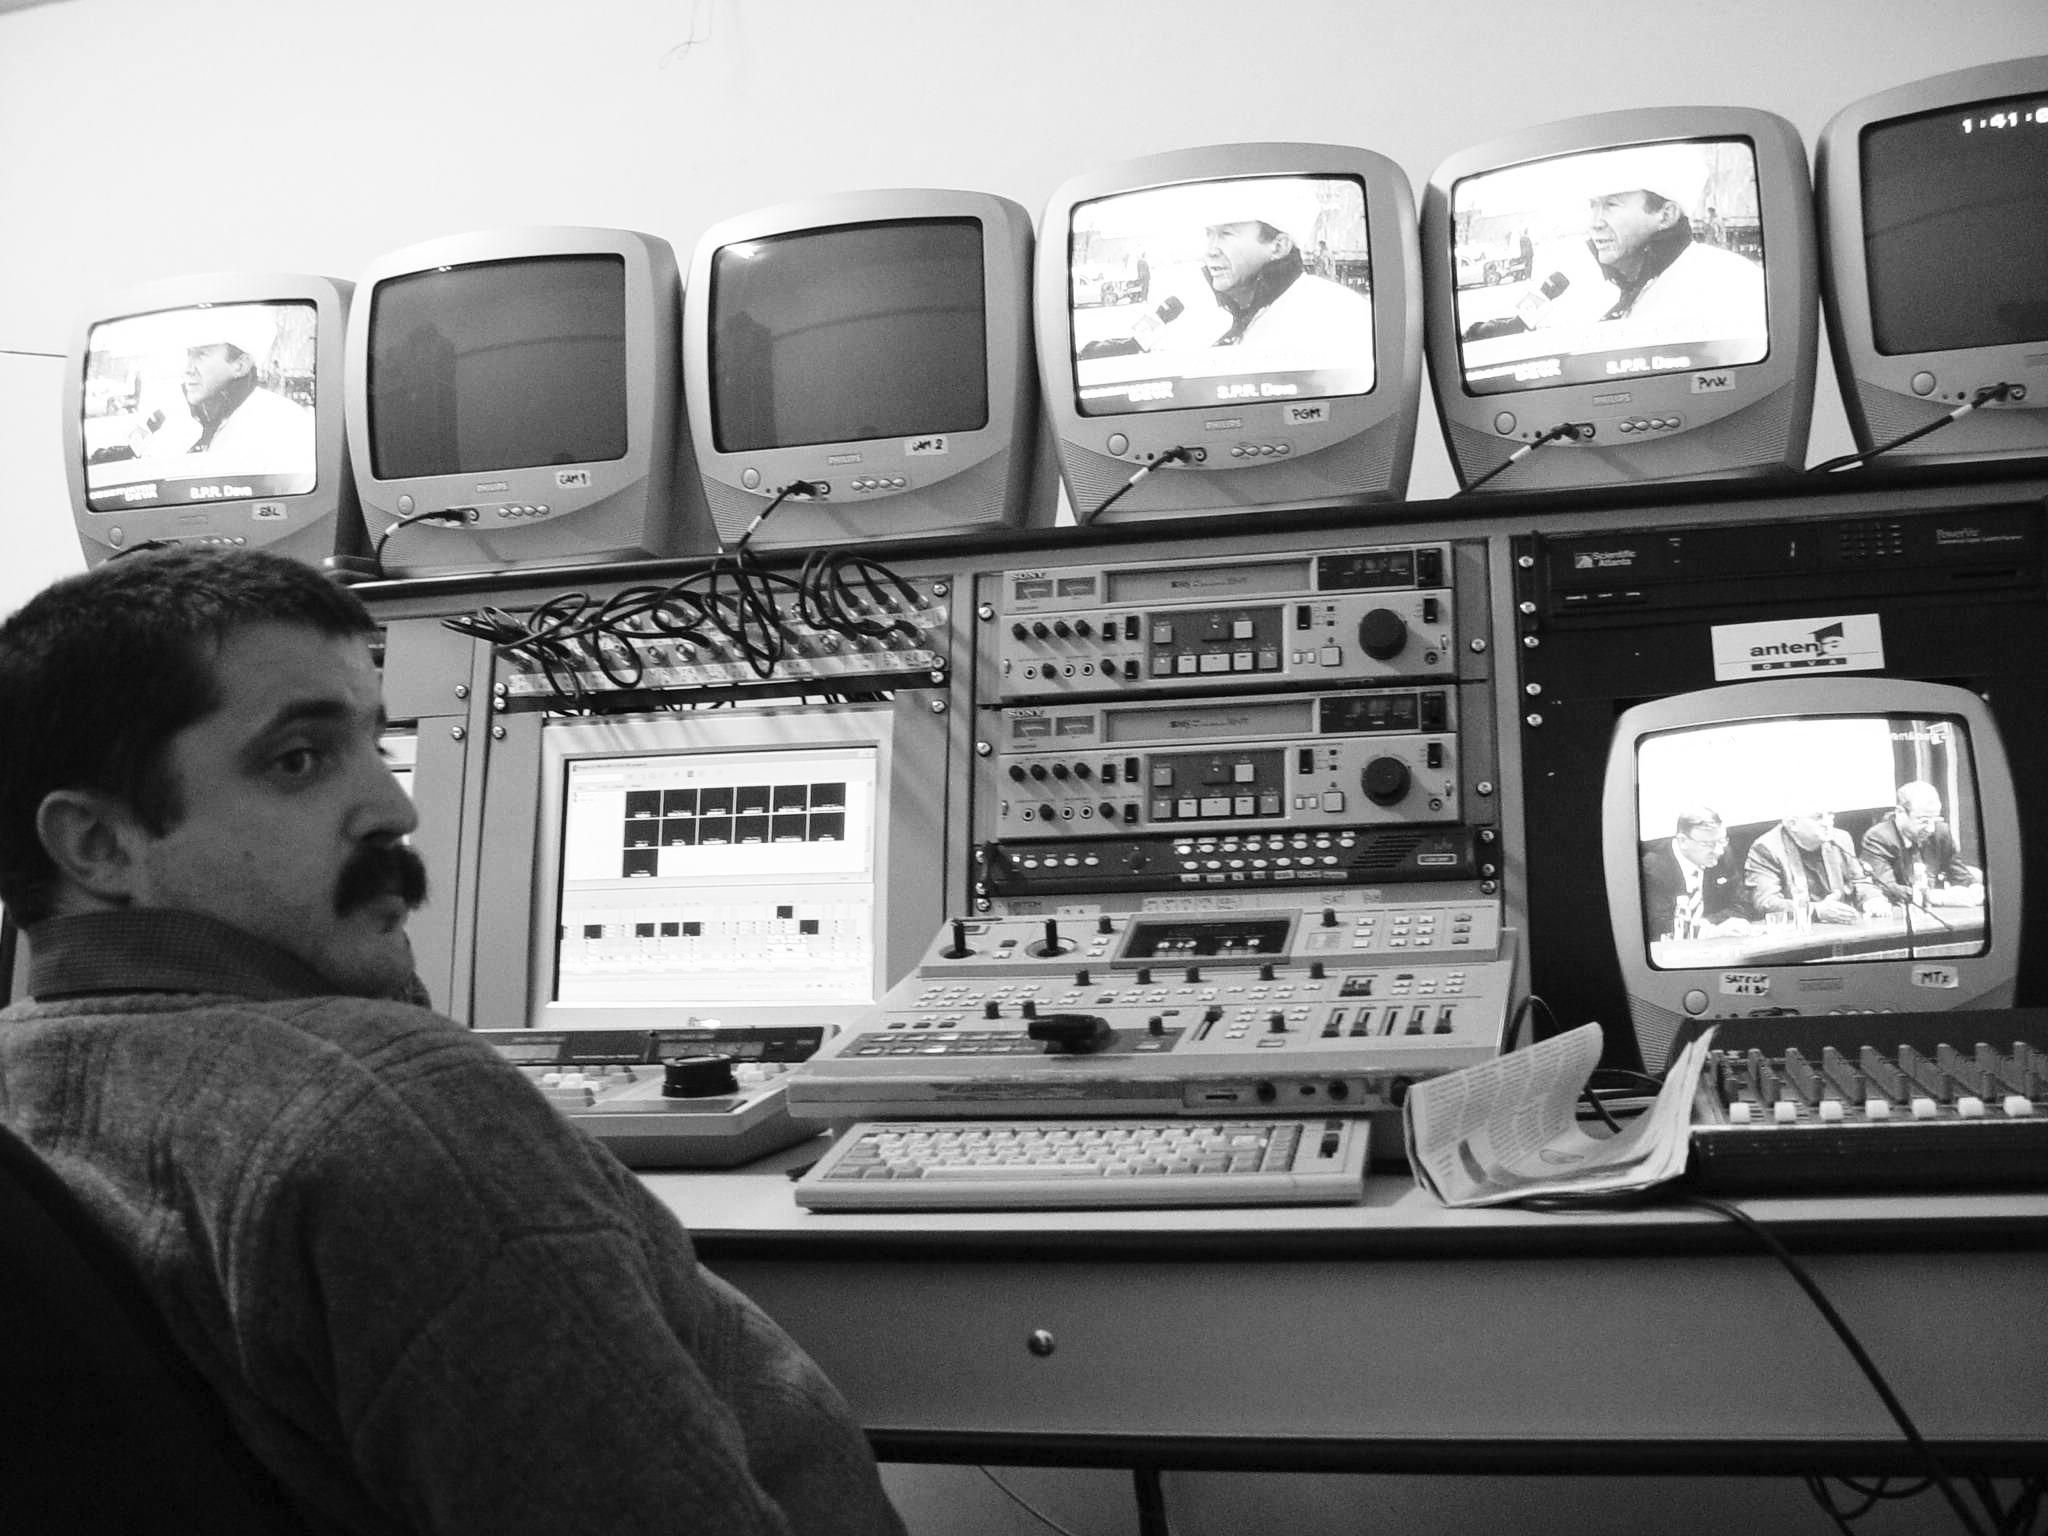 În regia de emisie a postului Antena 1 Deva, la a cărui apariţie a contribuit din plin, în septembrie 2003